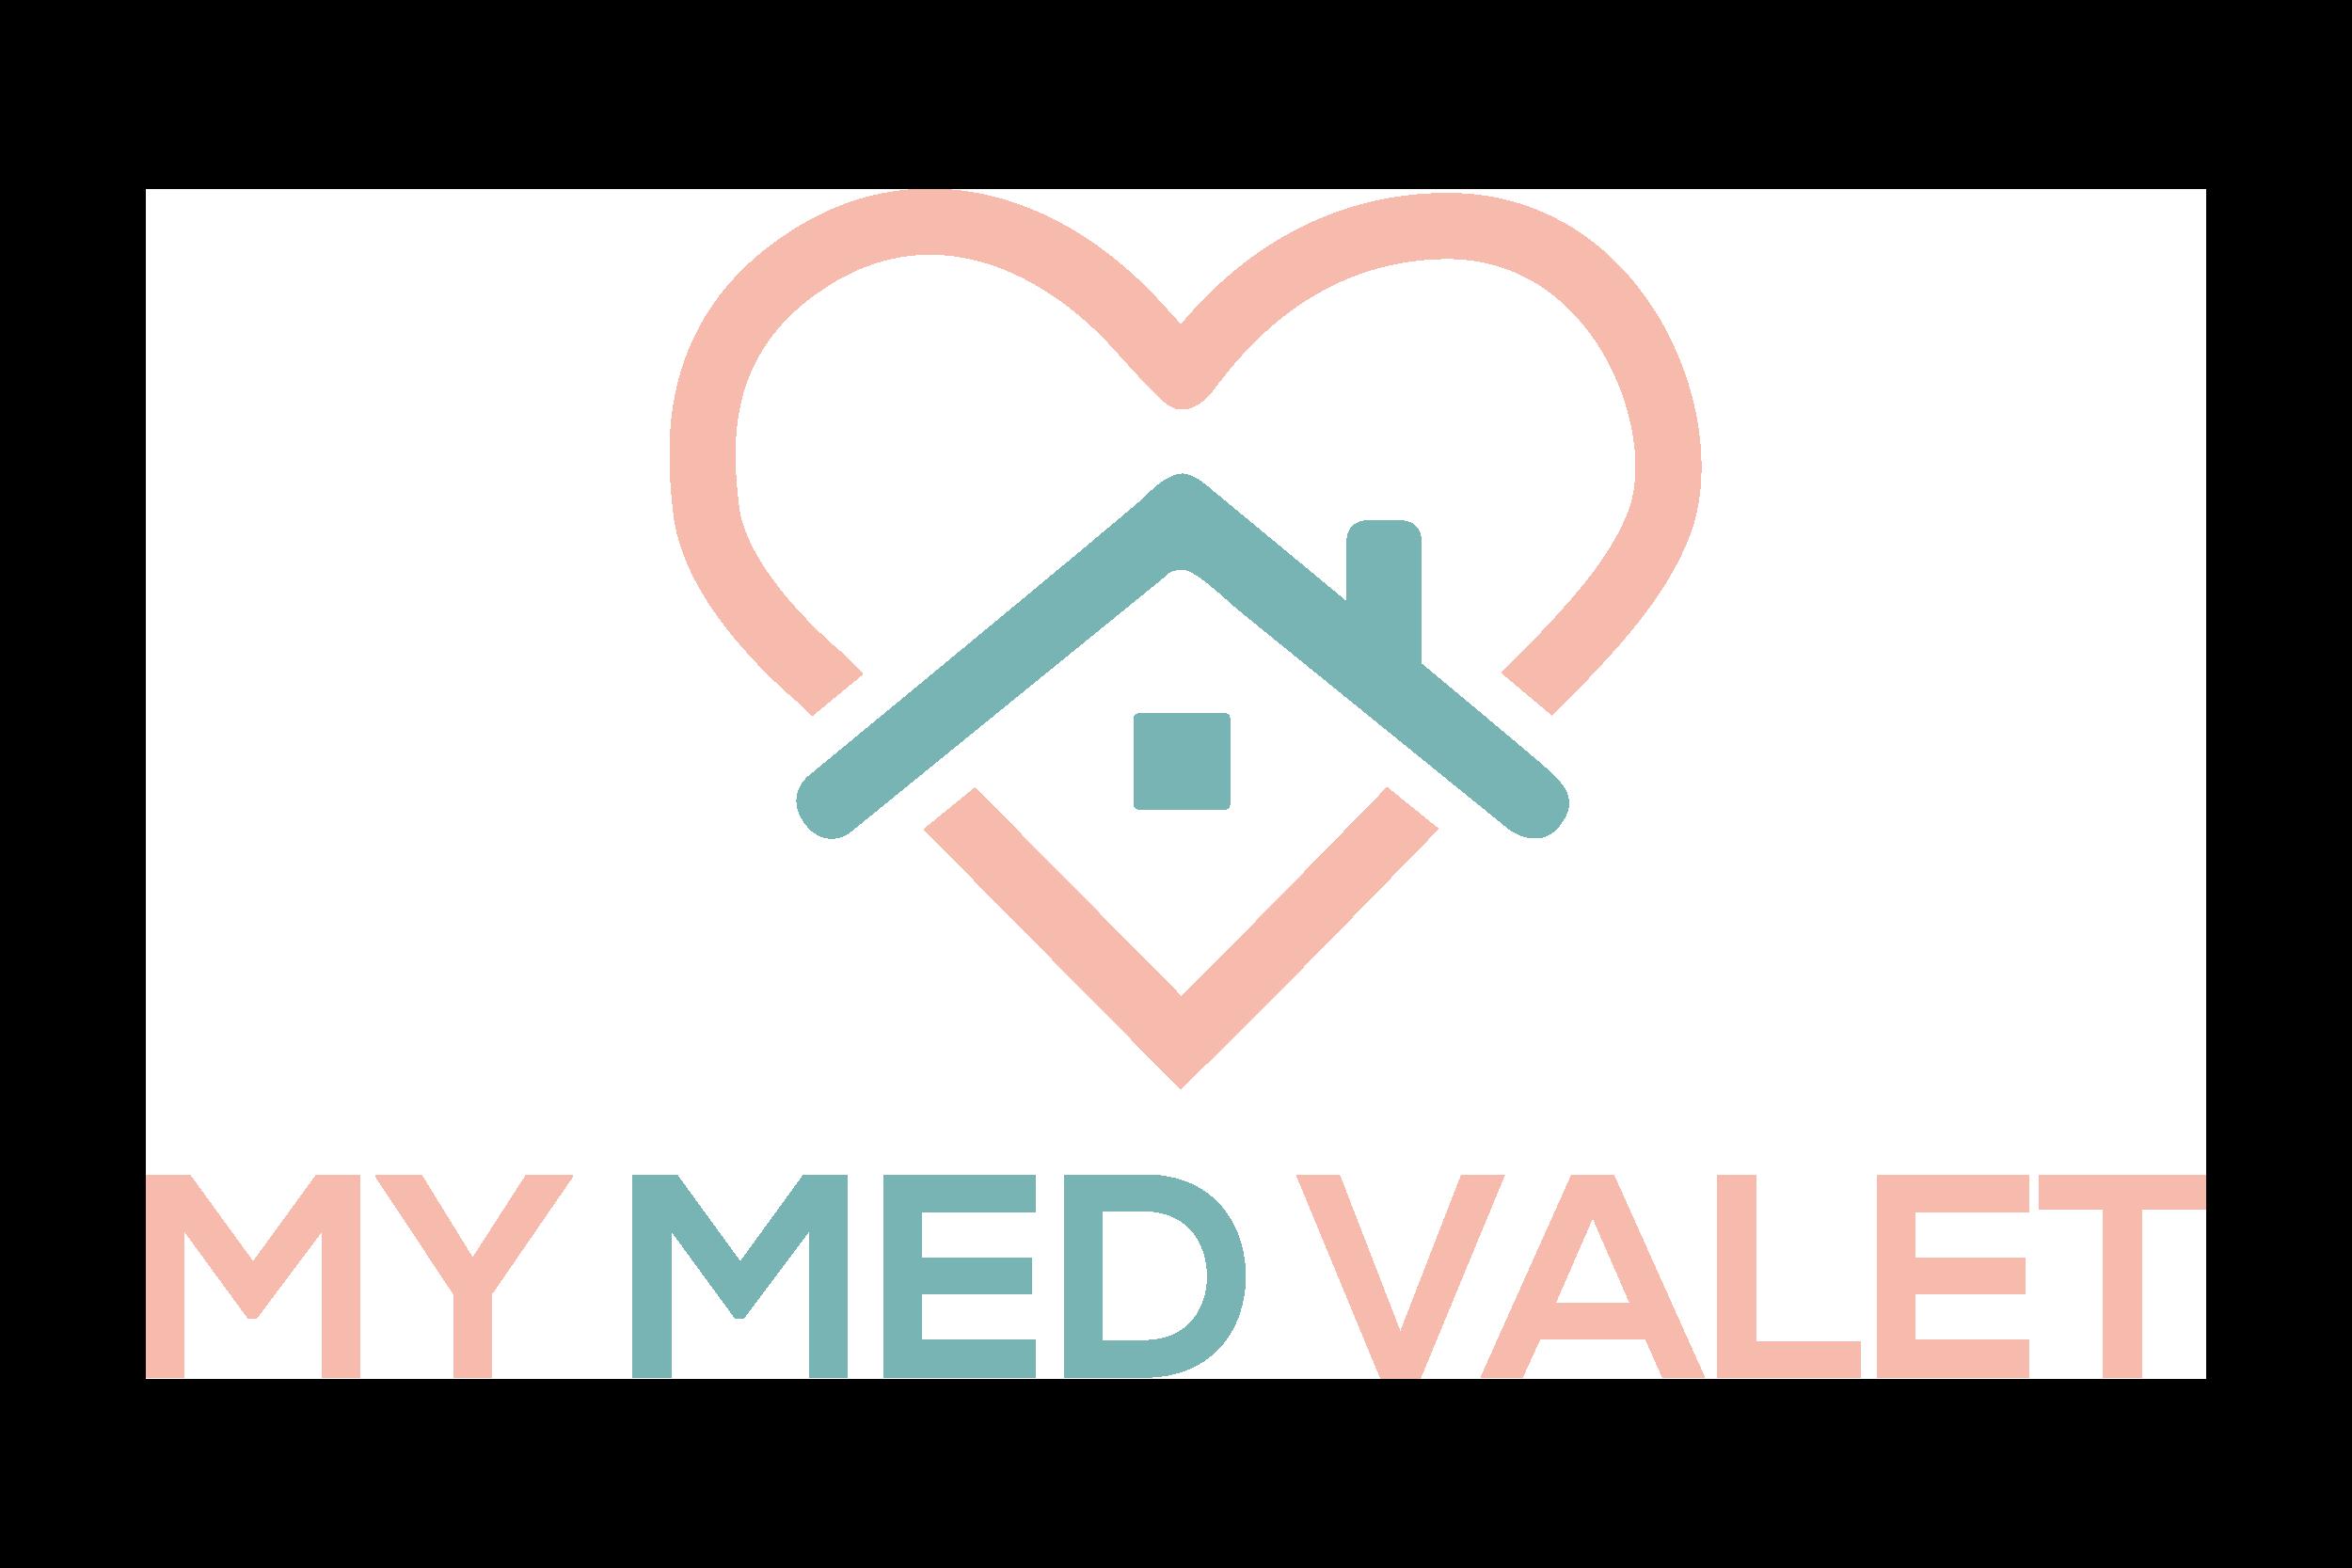 My Med Valet Logo (PNG)